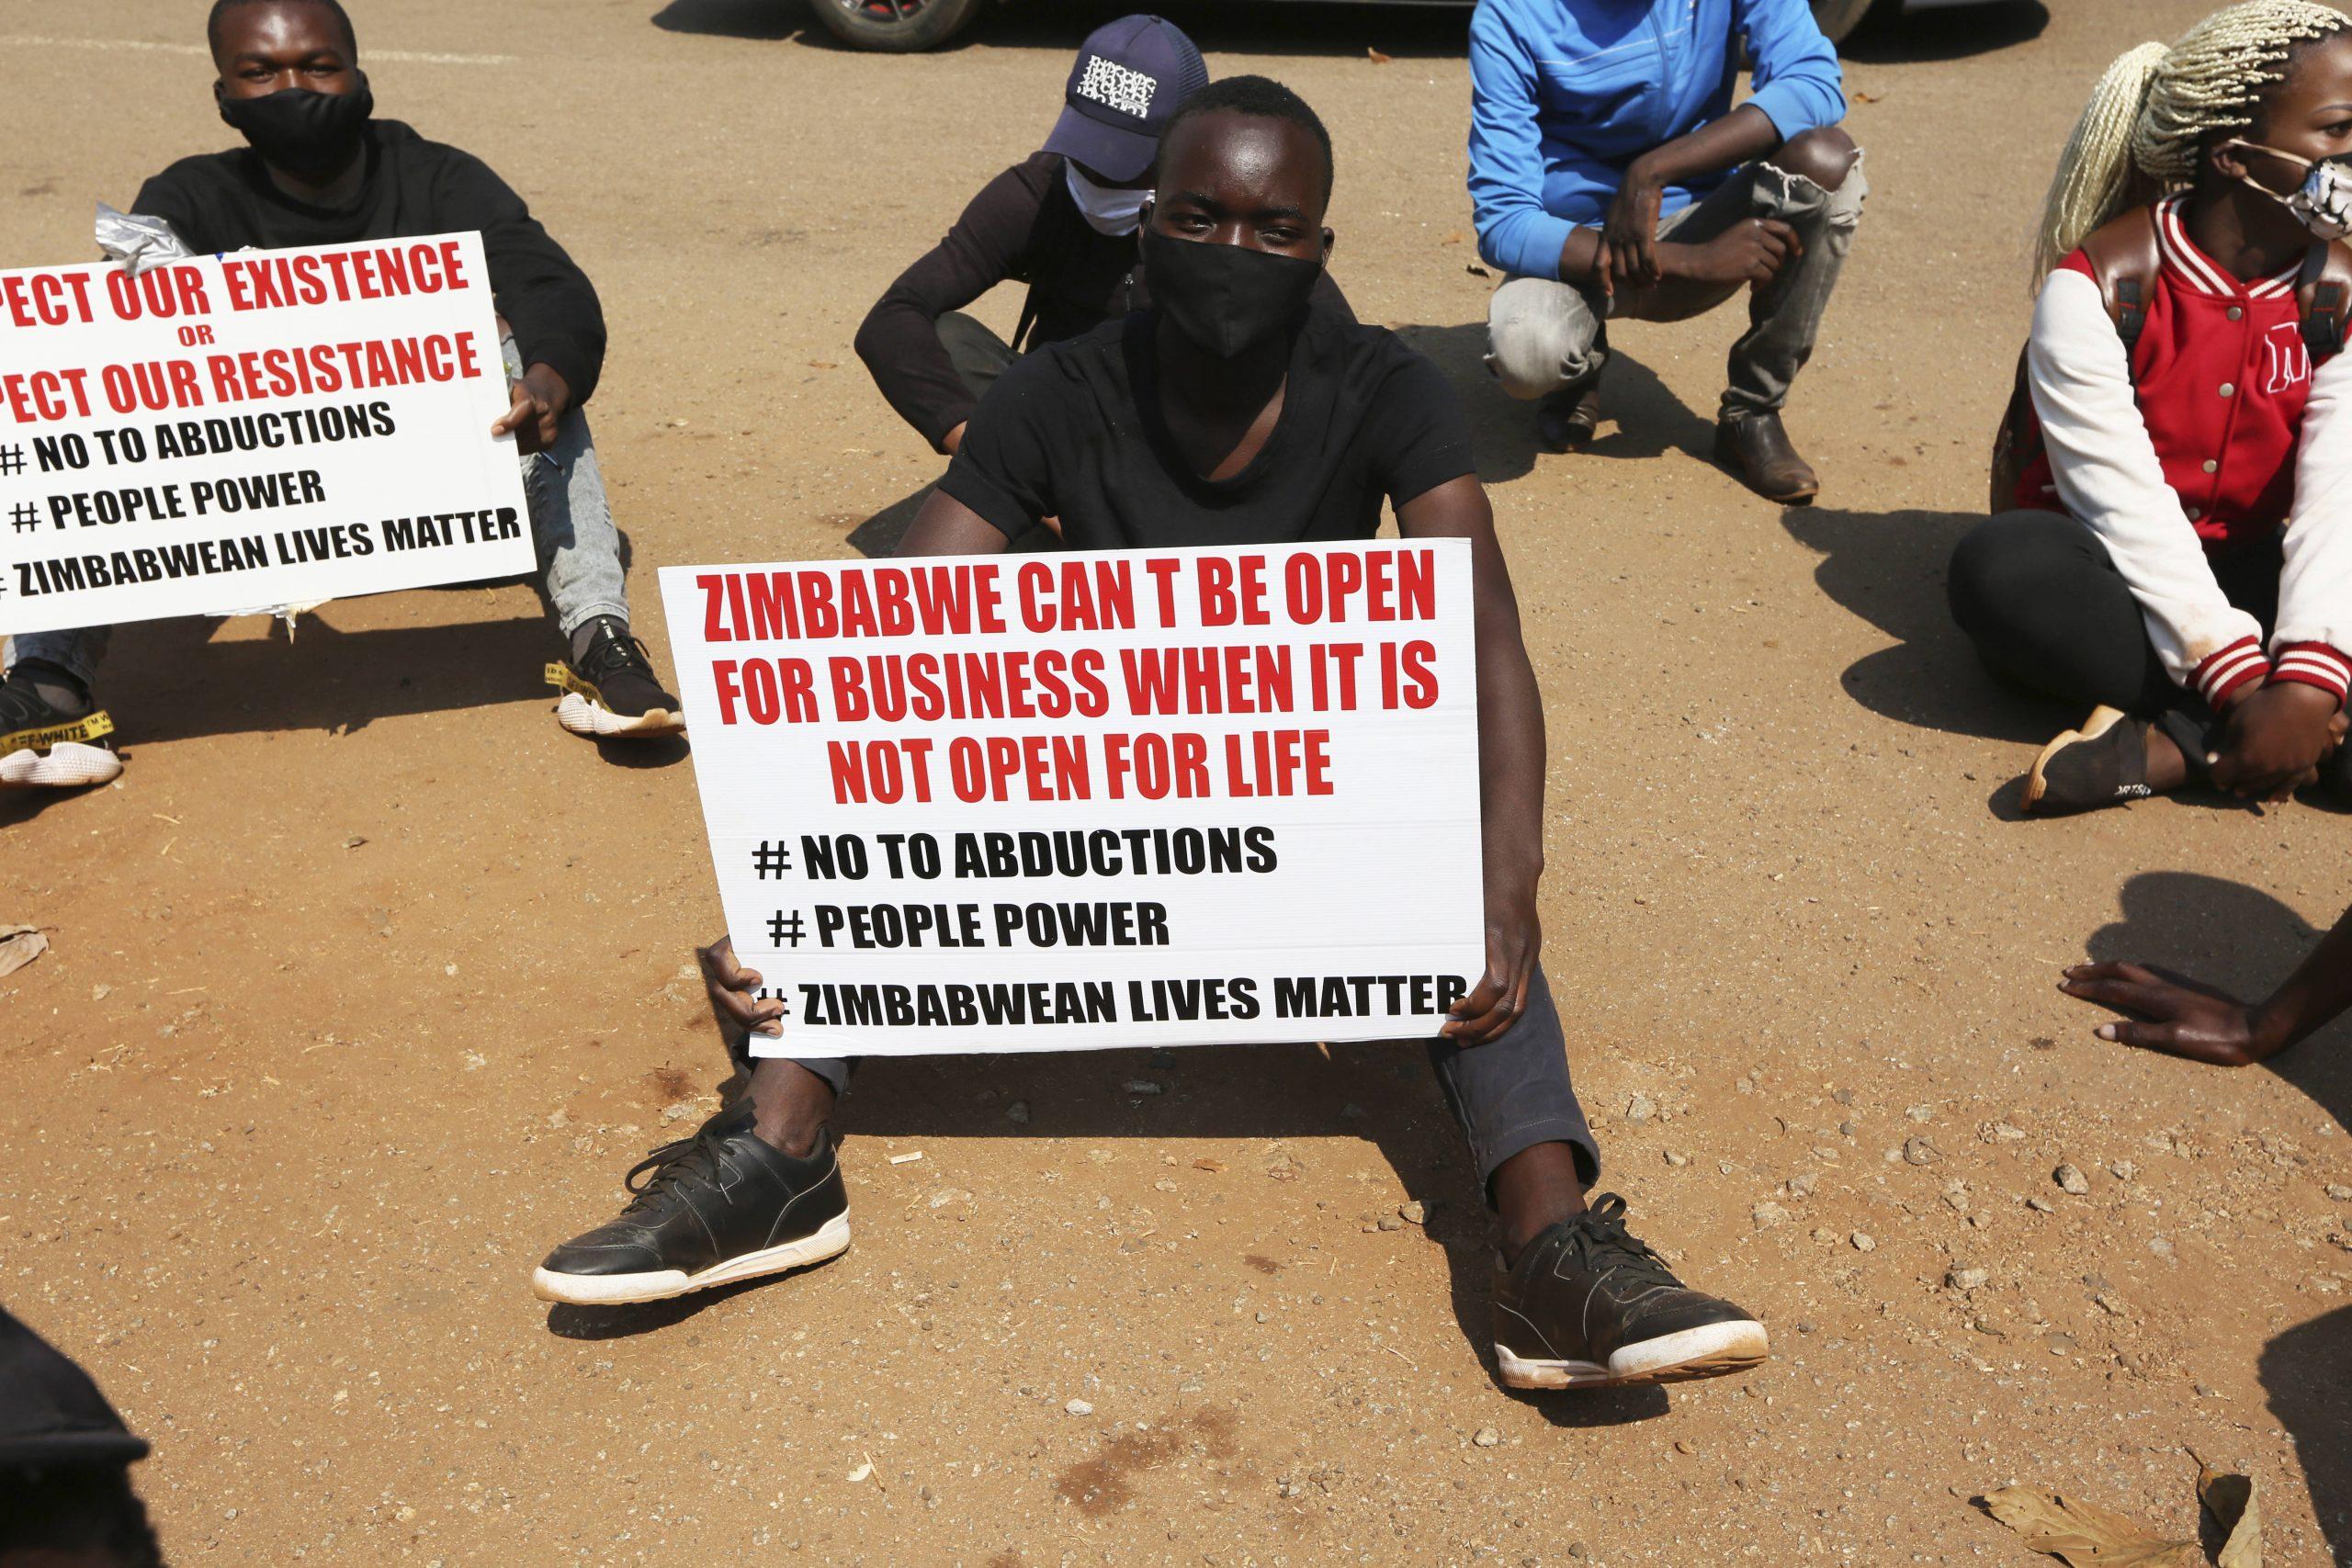 Une manifestations dénonçant les atteintes aux droits humains, à Harare en septembre 2020.